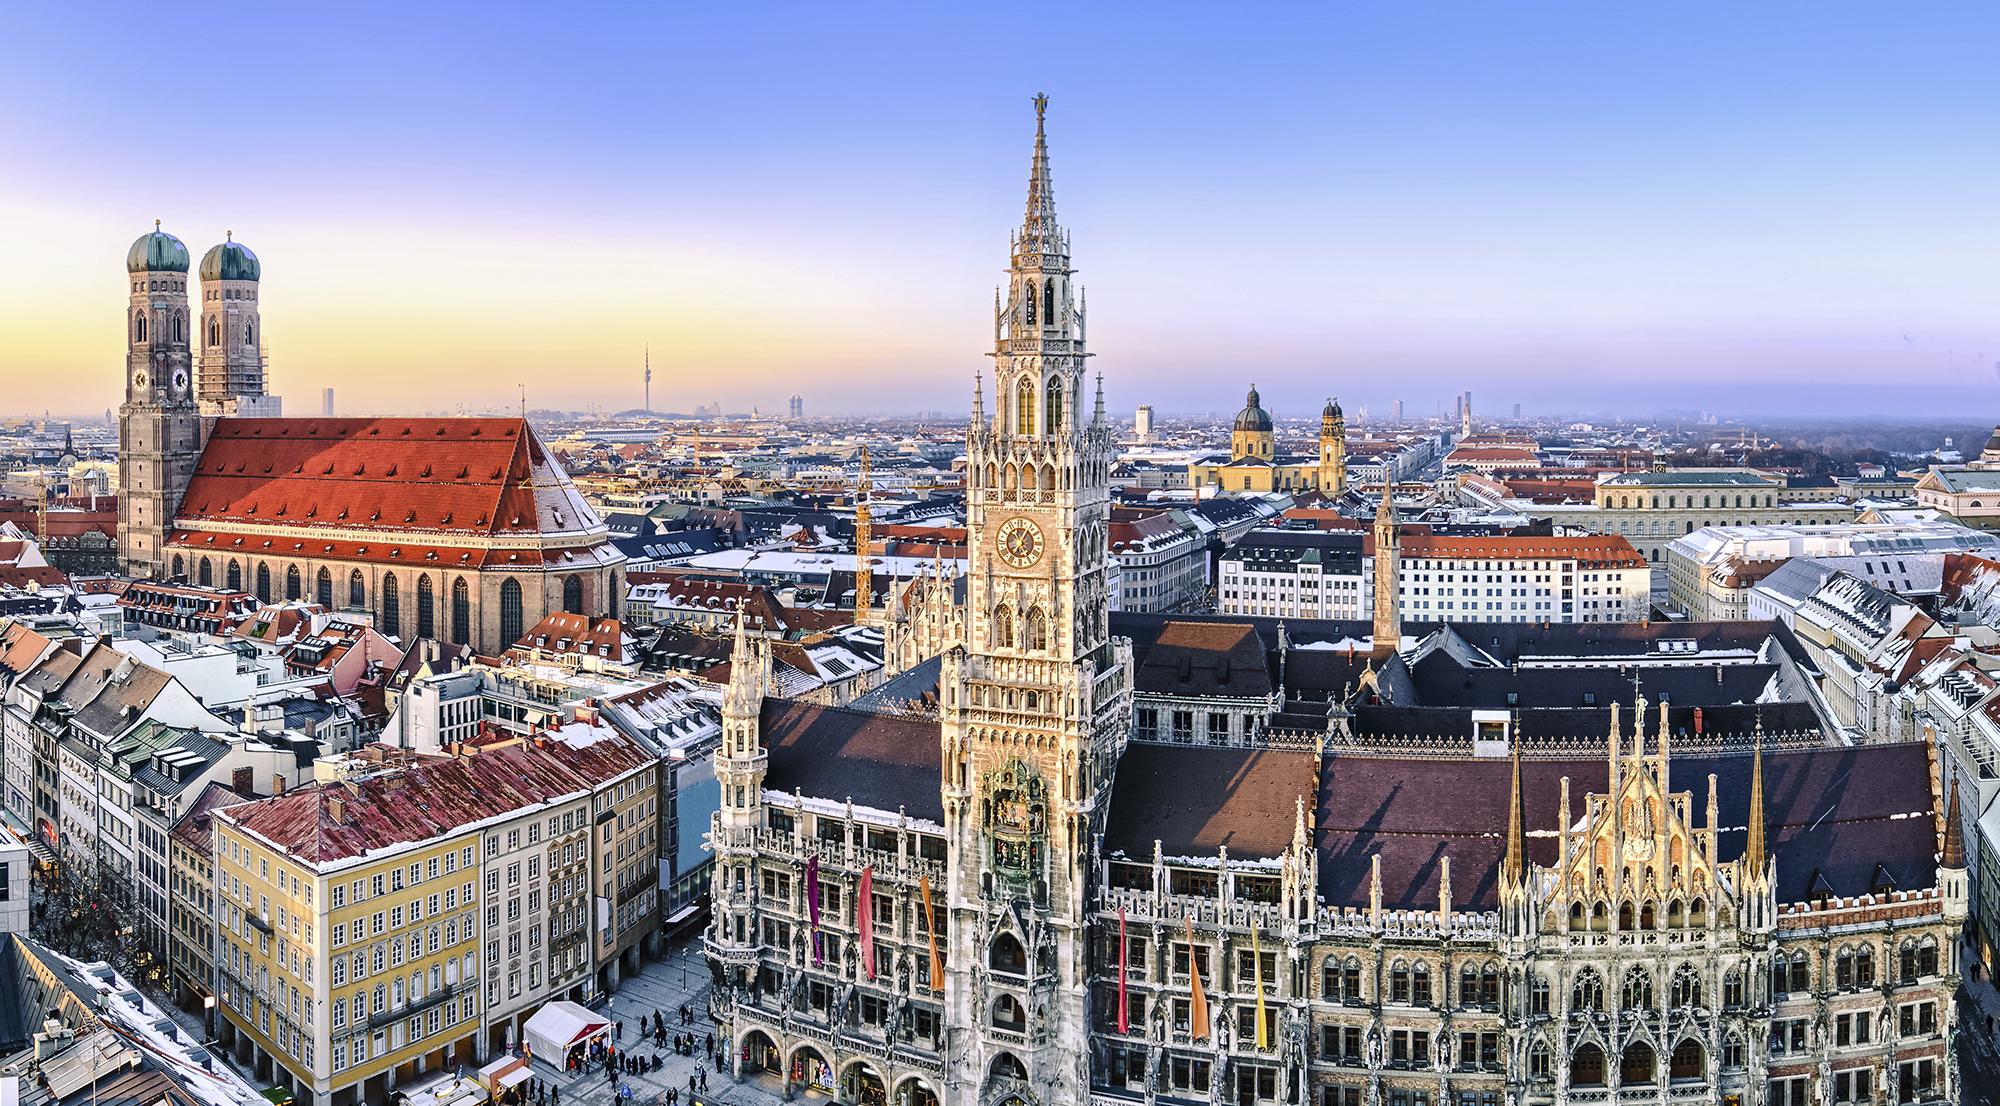 2000x1106 > Munich Wallpapers